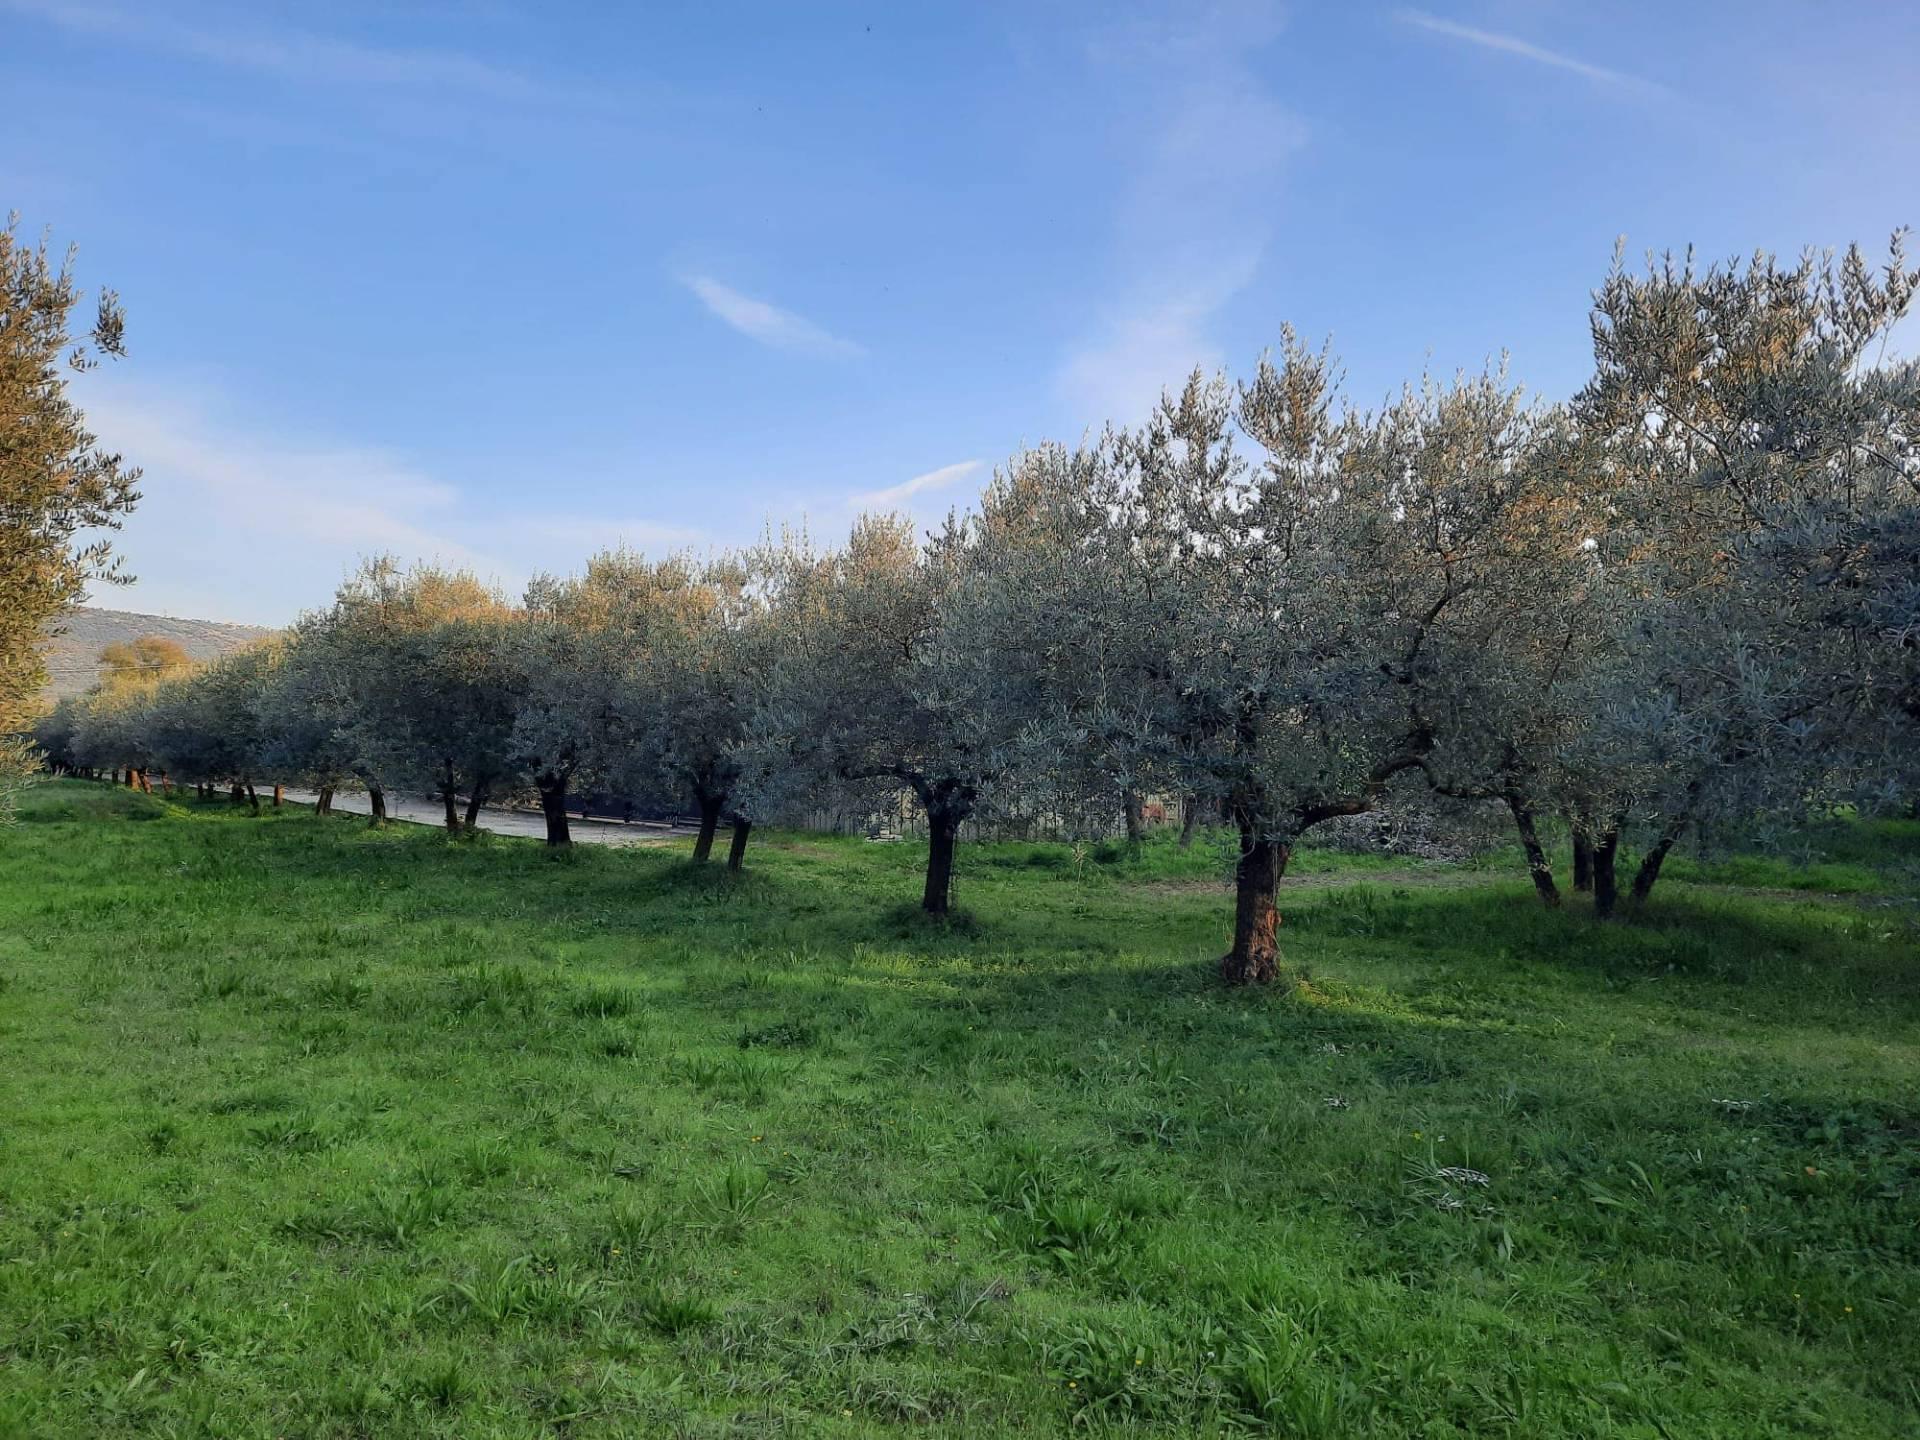 Terreno Agricolo in vendita a Alatri, 9999 locali, prezzo € 26.000 | CambioCasa.it